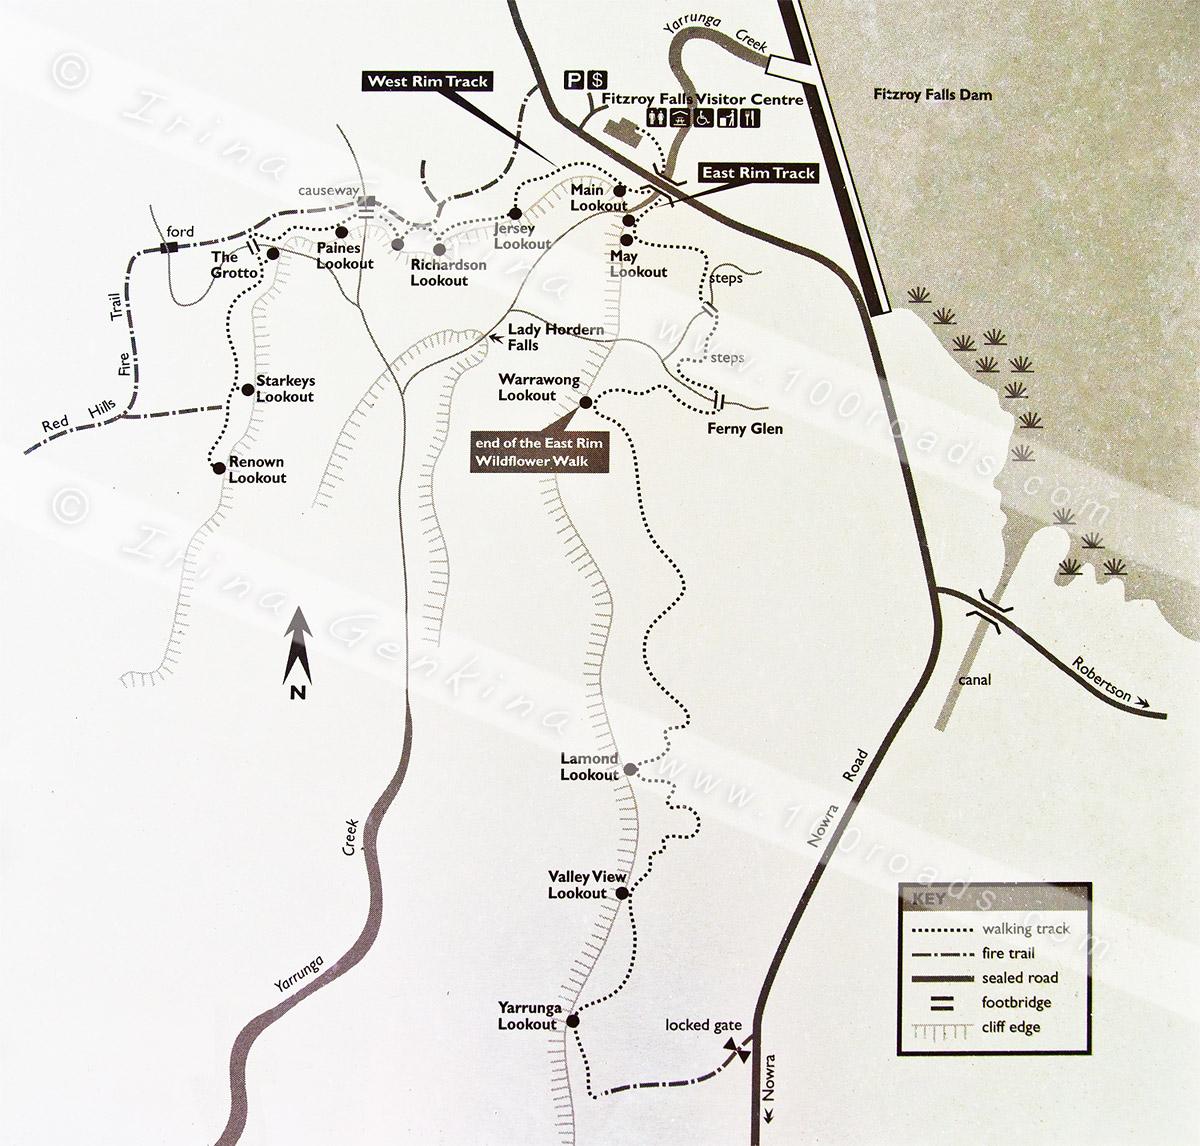 fitzroy_falls_area_map